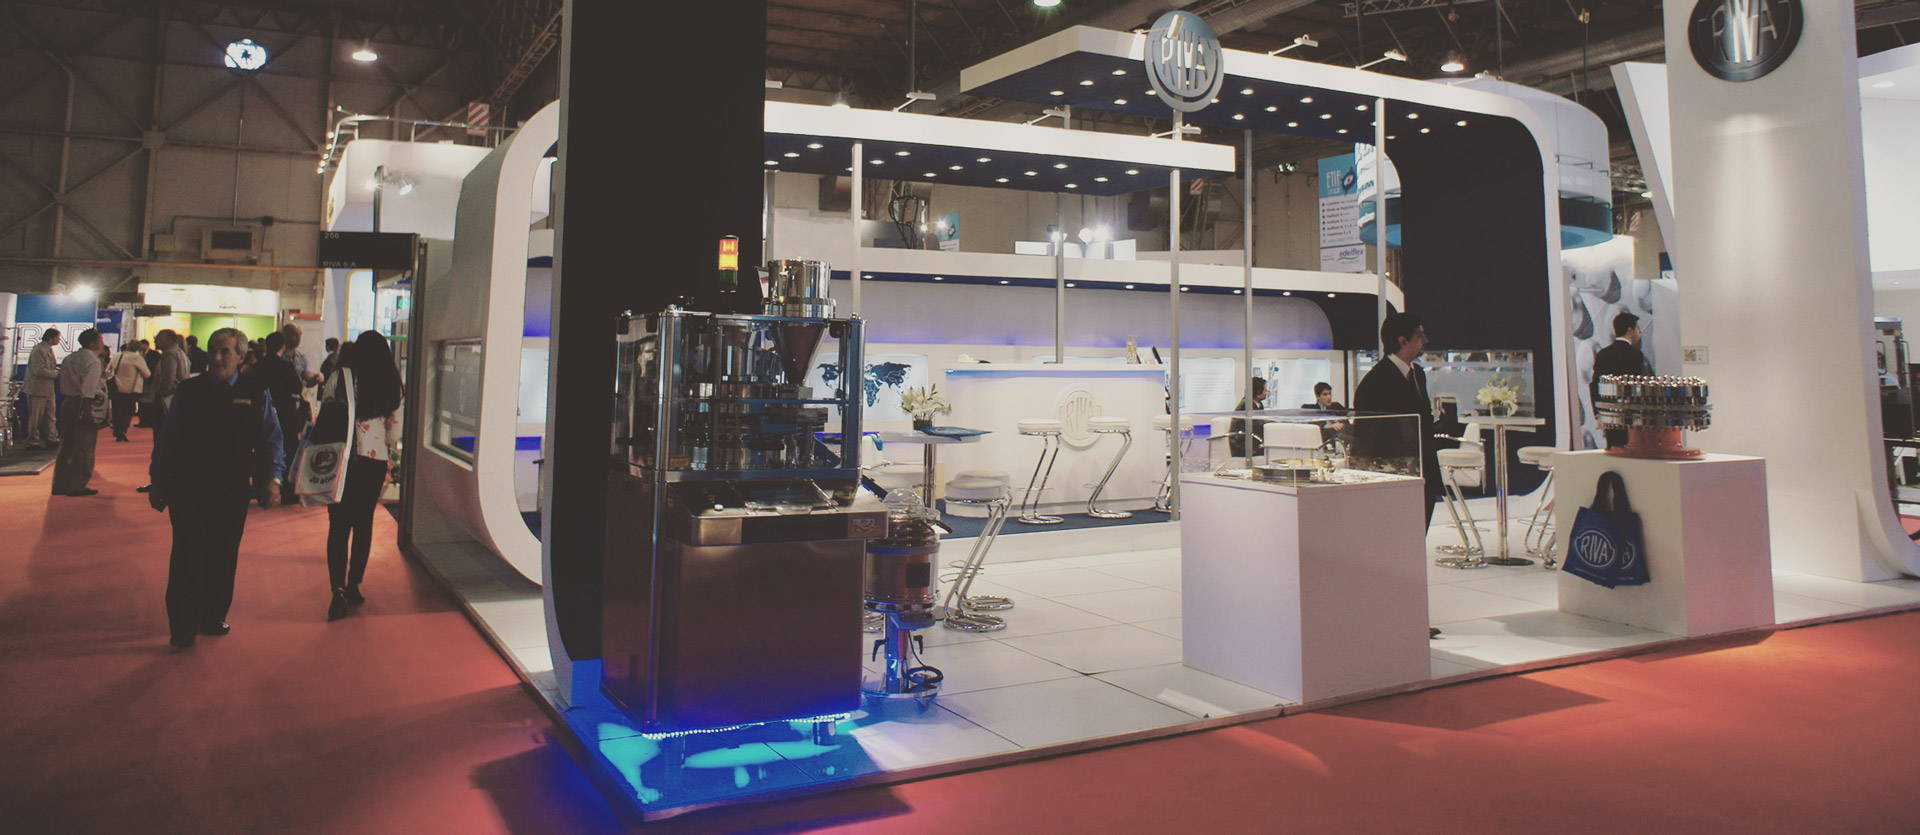 Riva Exhibition